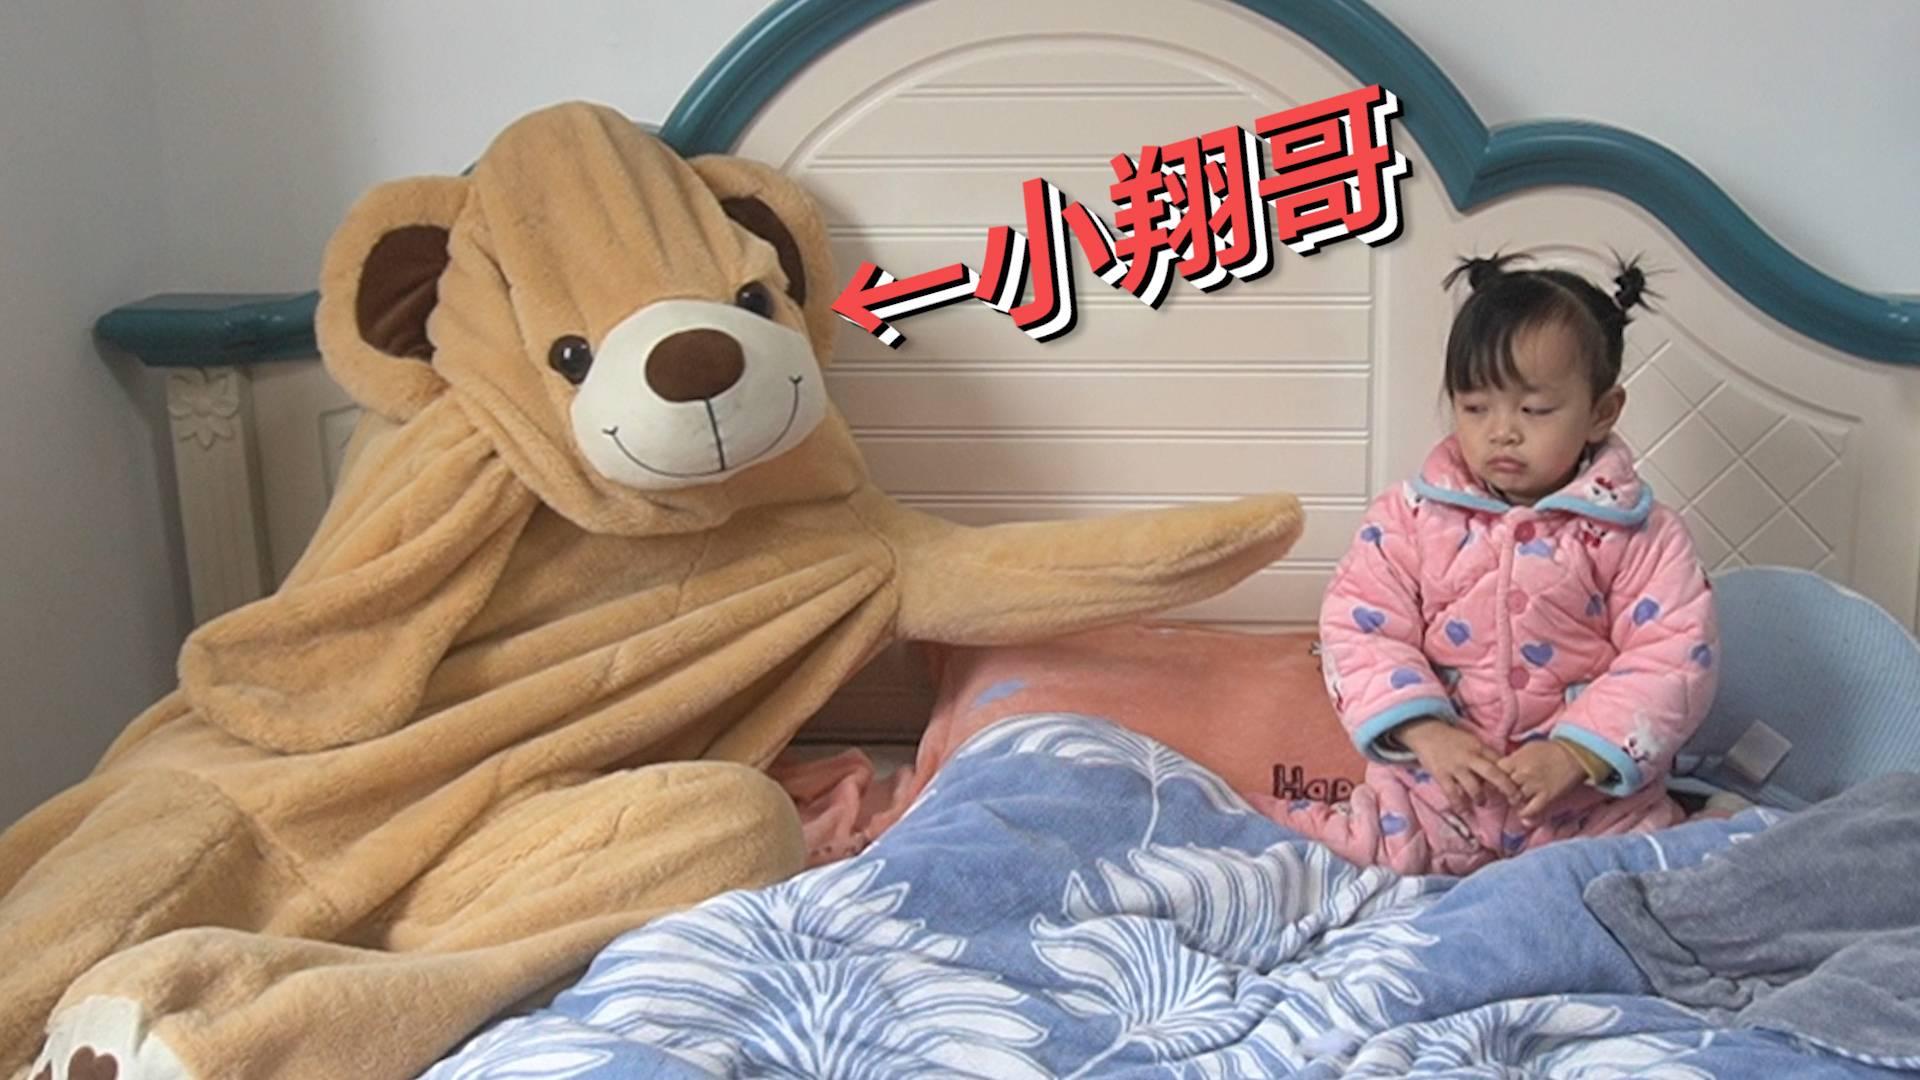 如果偷偷躲在熊里面,当小朋友看见会动的玩具熊是什么反应